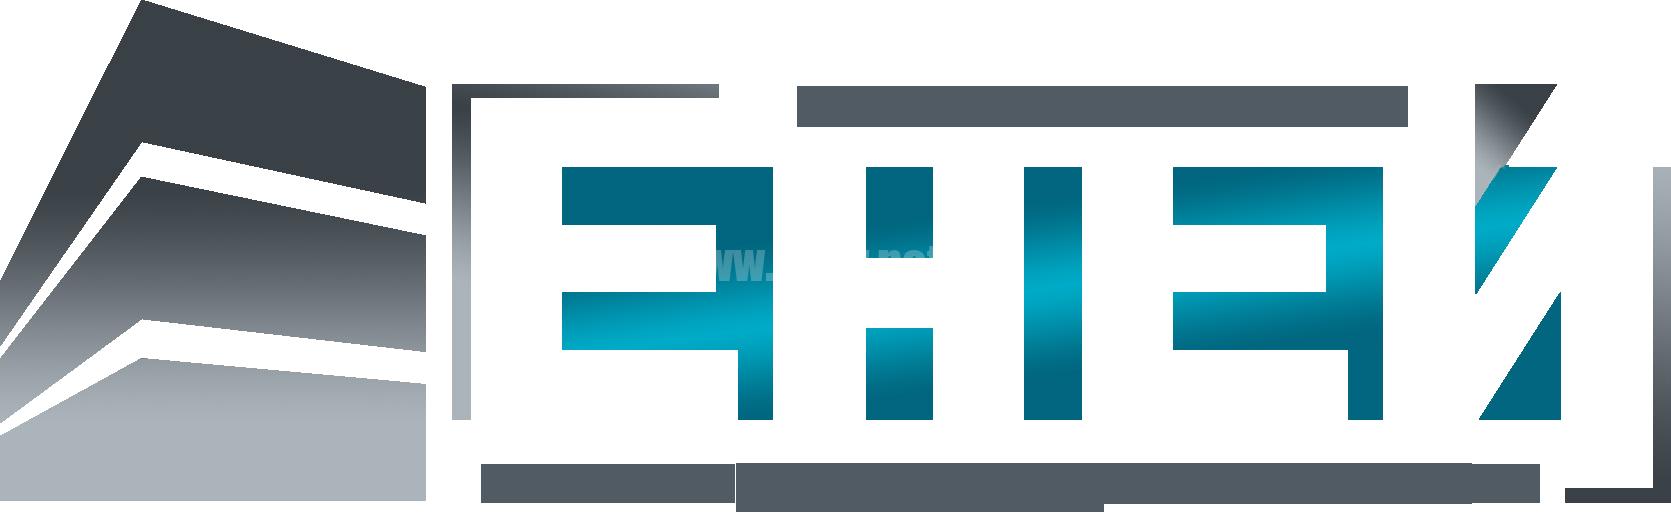 Eney-Архітектуро-будівельна компанія